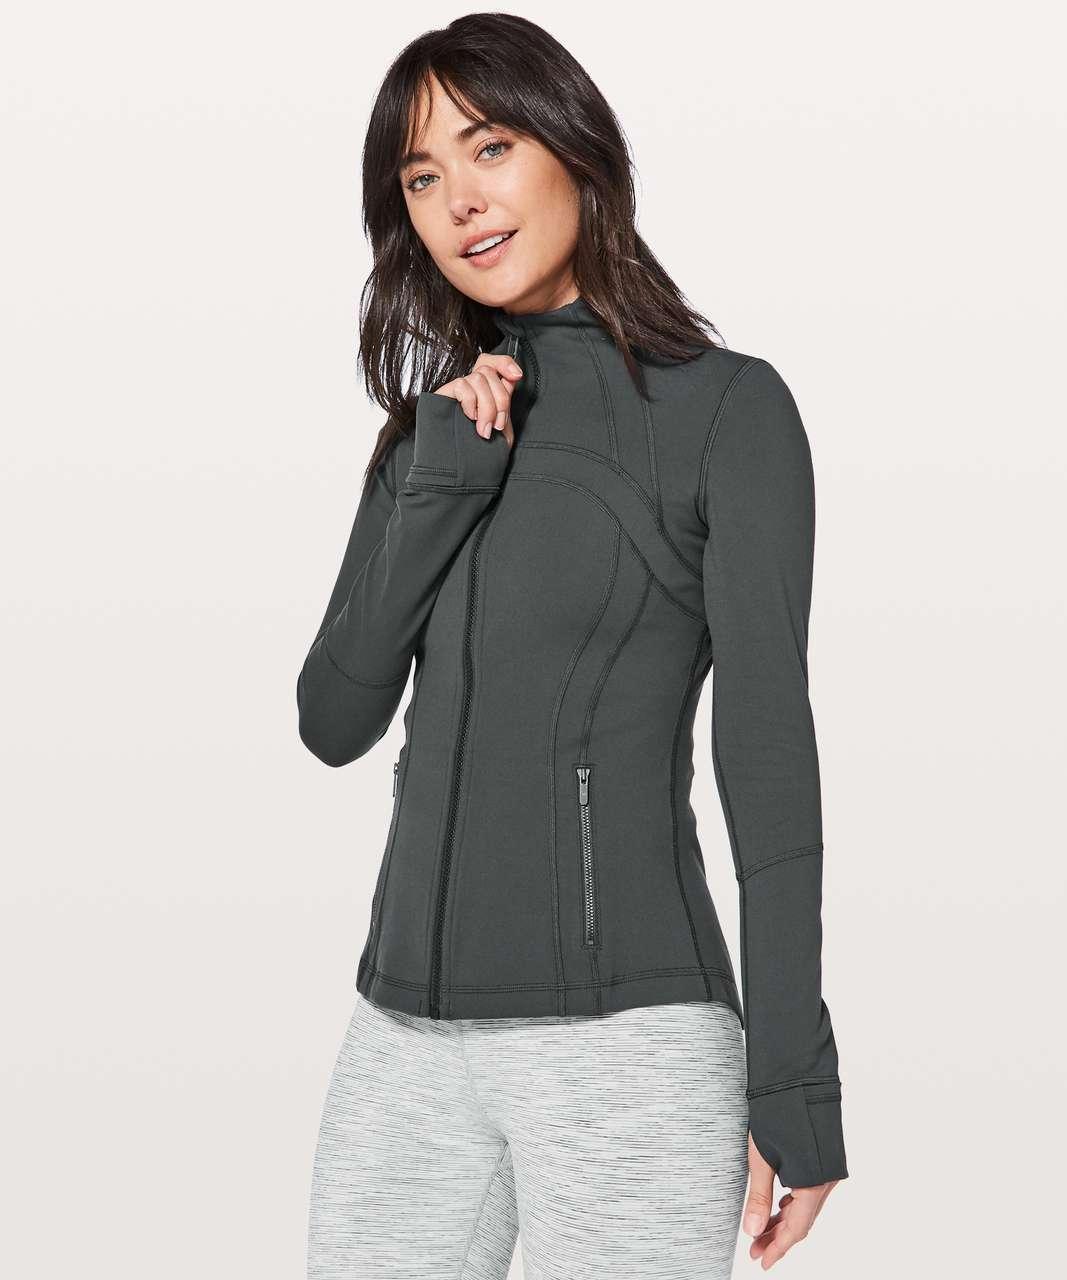 lulu lemon define jacket